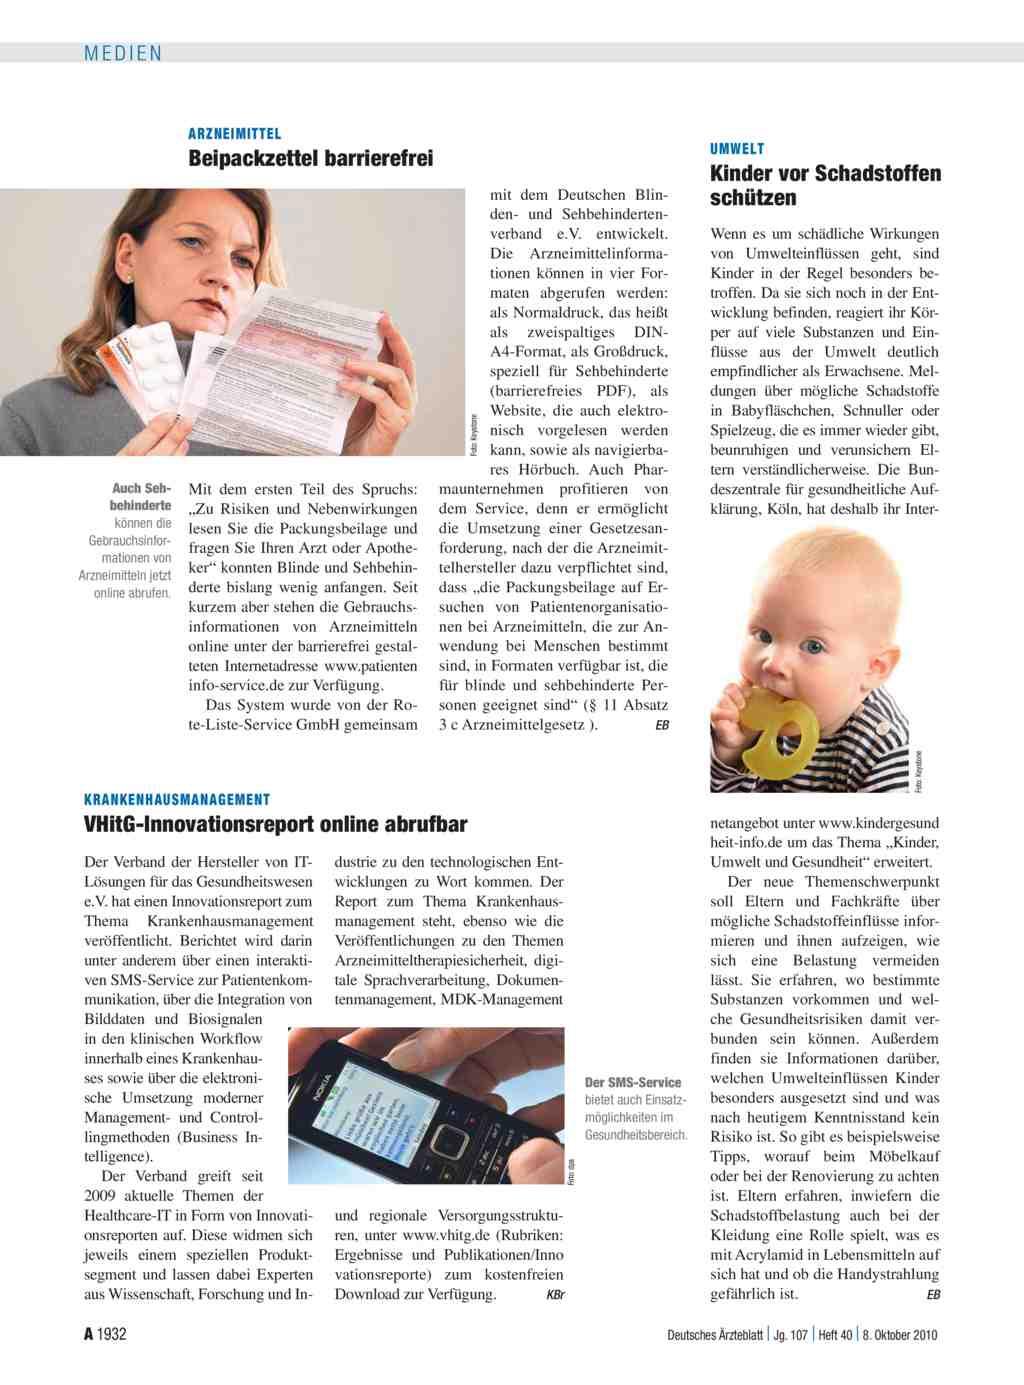 Krankenhausmanagement: VHitG-Innovationsreport online abrufbar